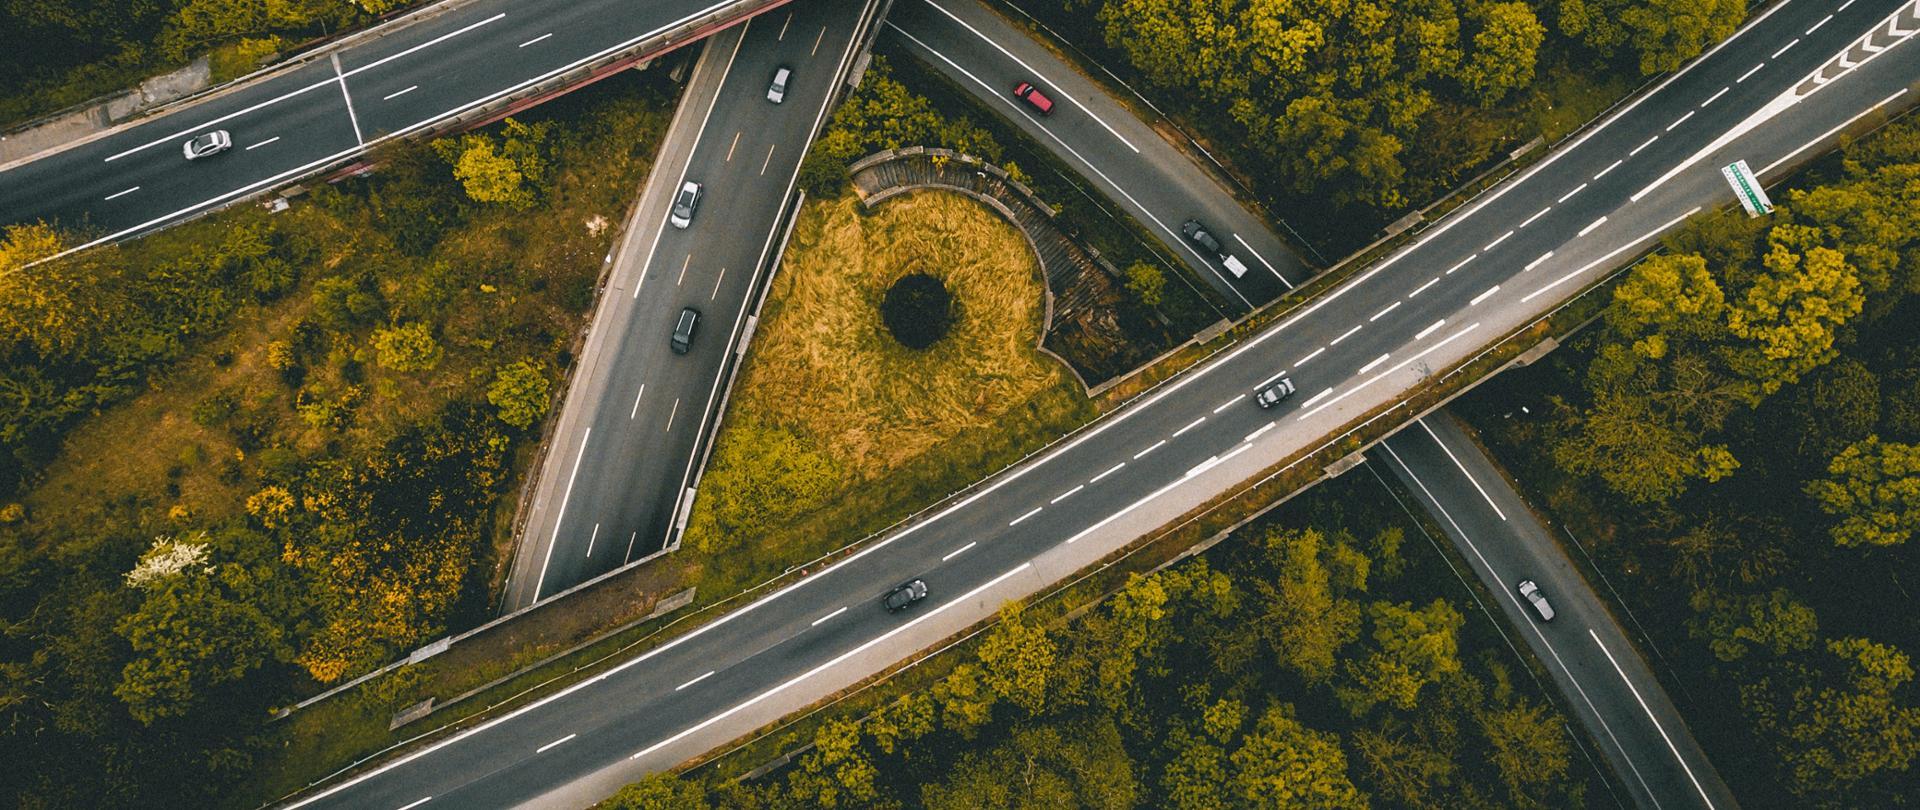 Na zdjęciu widać infrastrukturę drogową z niewielką liczbą samochodów